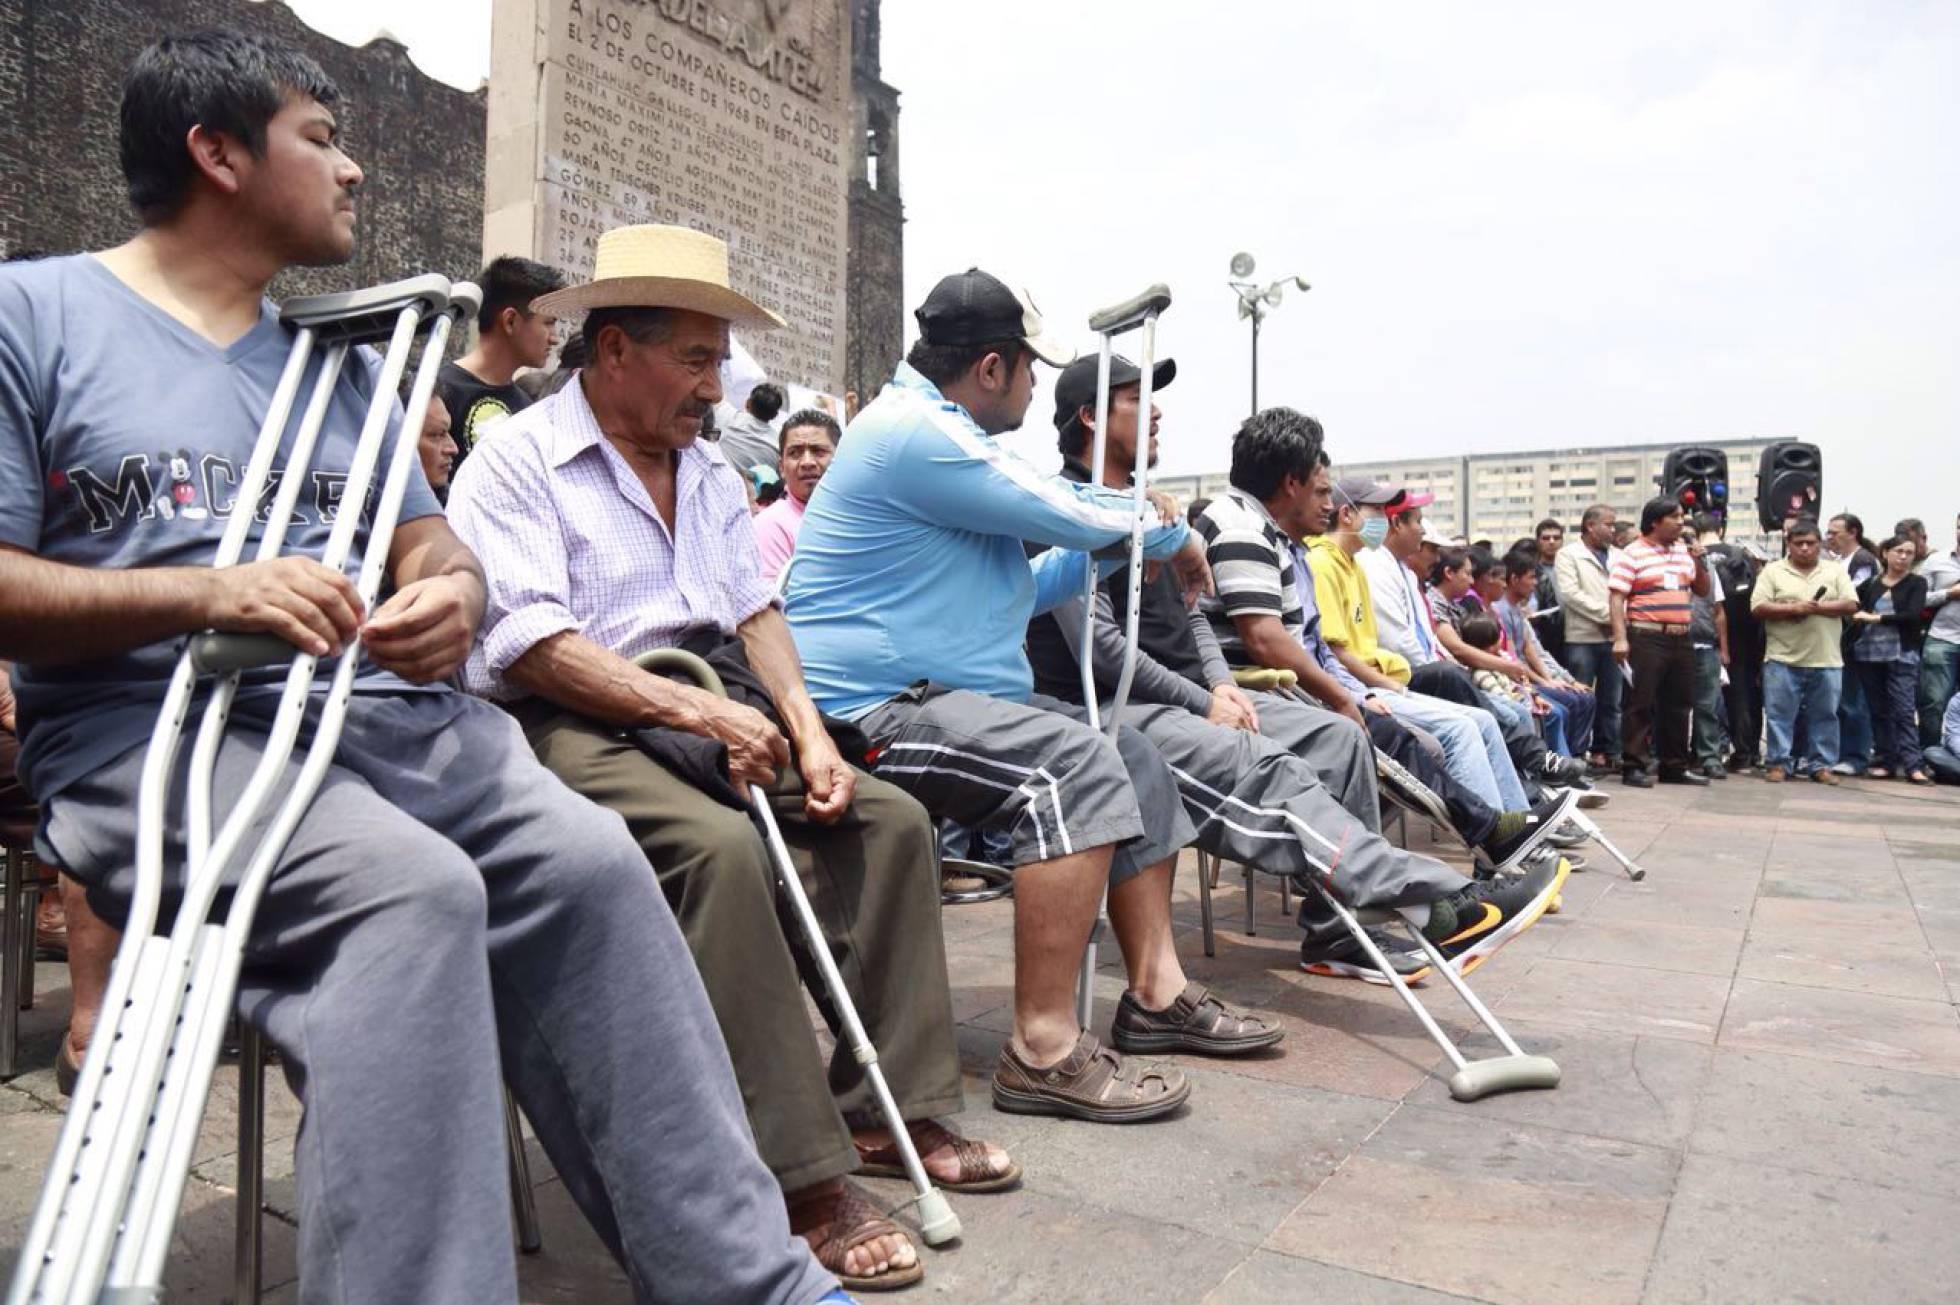 Heridos de la matanza de Nochixtlan, se presentaron en la capital mexicana.